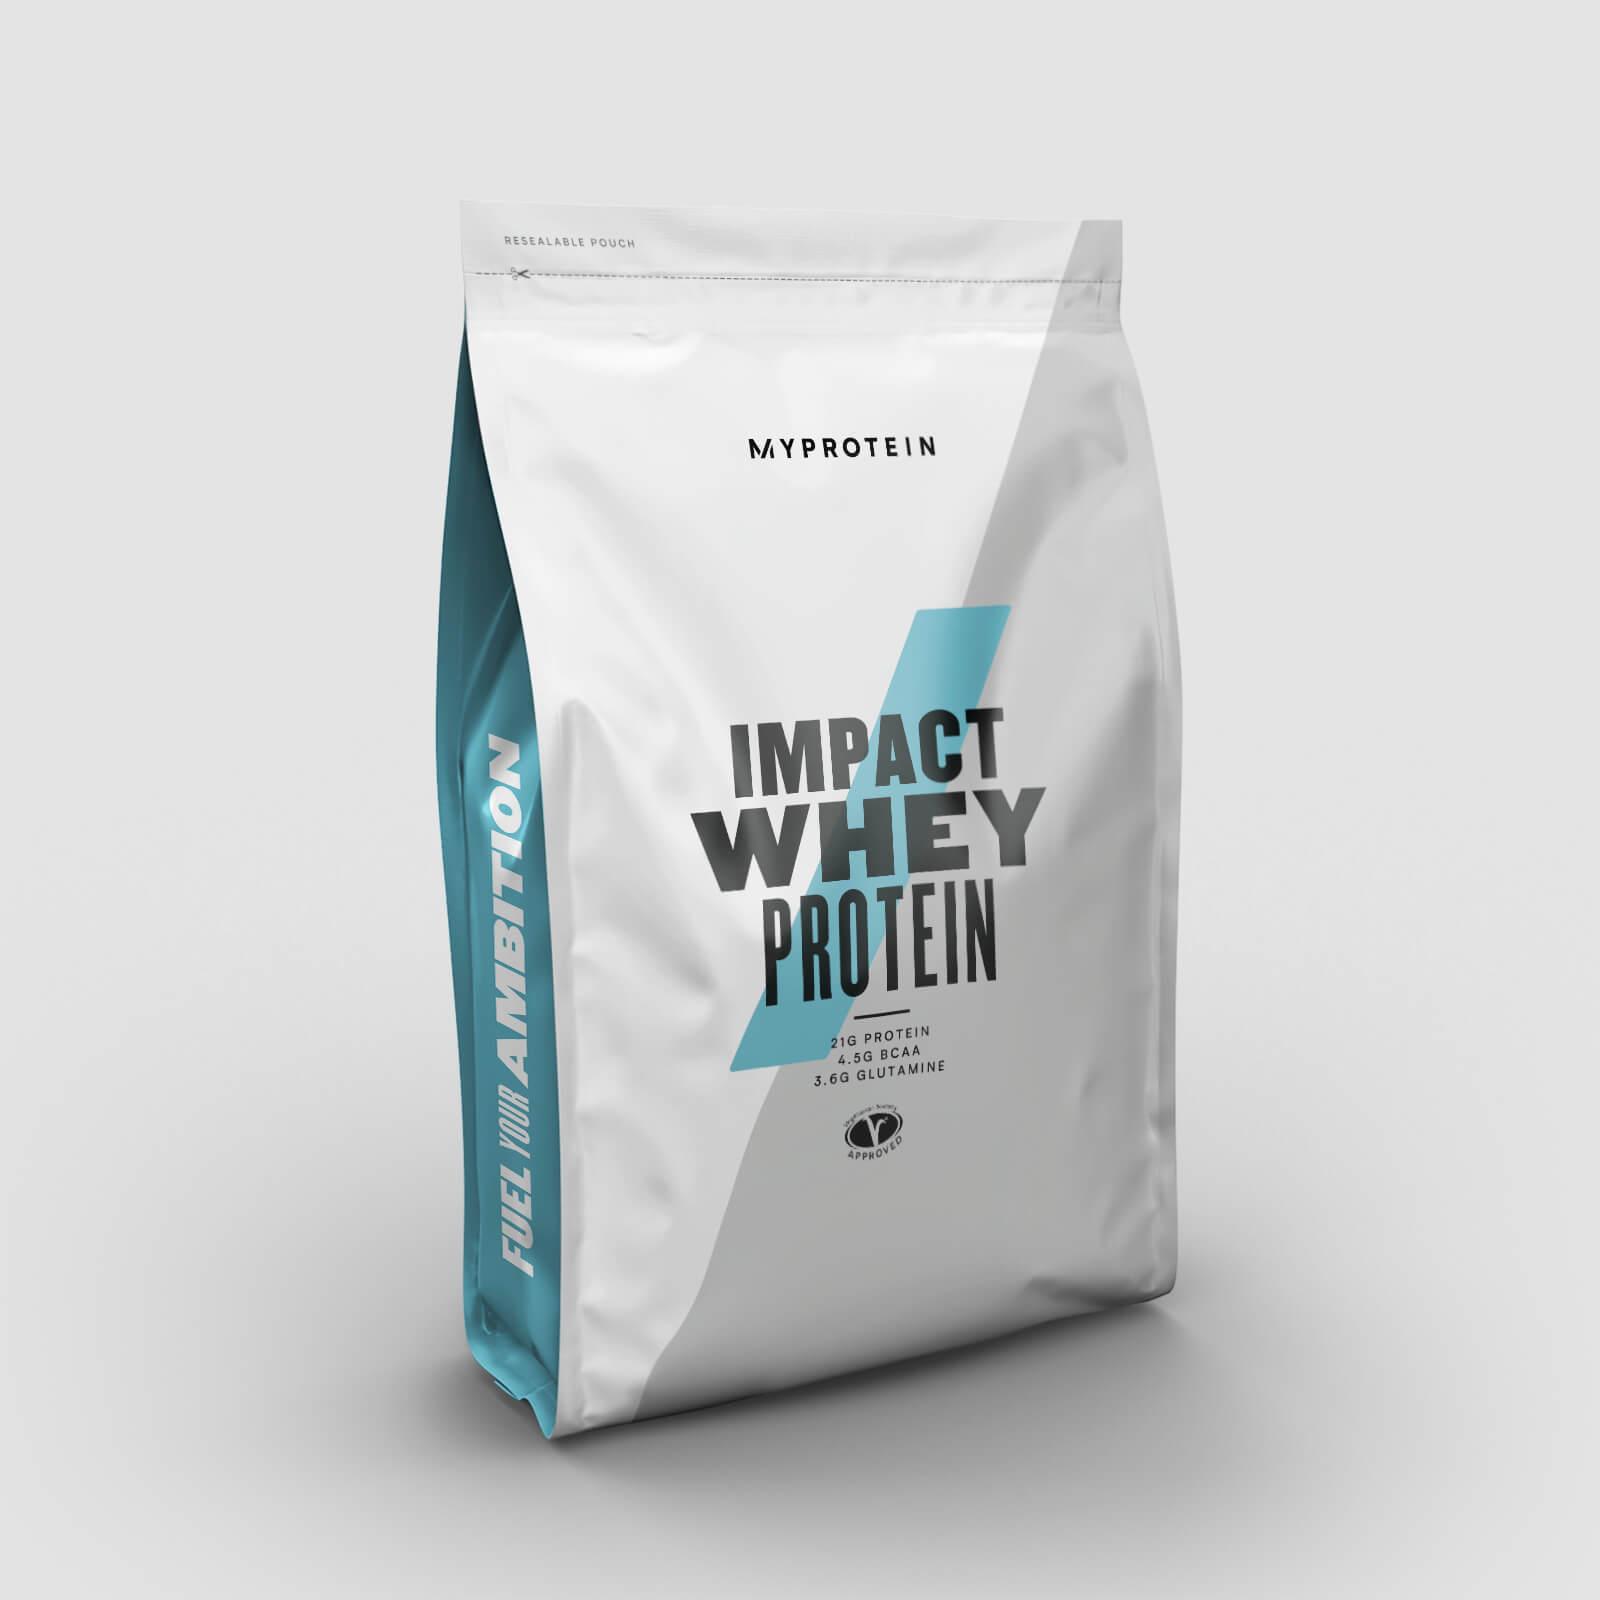 39% Rabatt bei Myprotein: z.B. 5kg Impact Whey Protein mit Geschmack (PI94) + 1kg Erdnussbutter + Slim Shaker